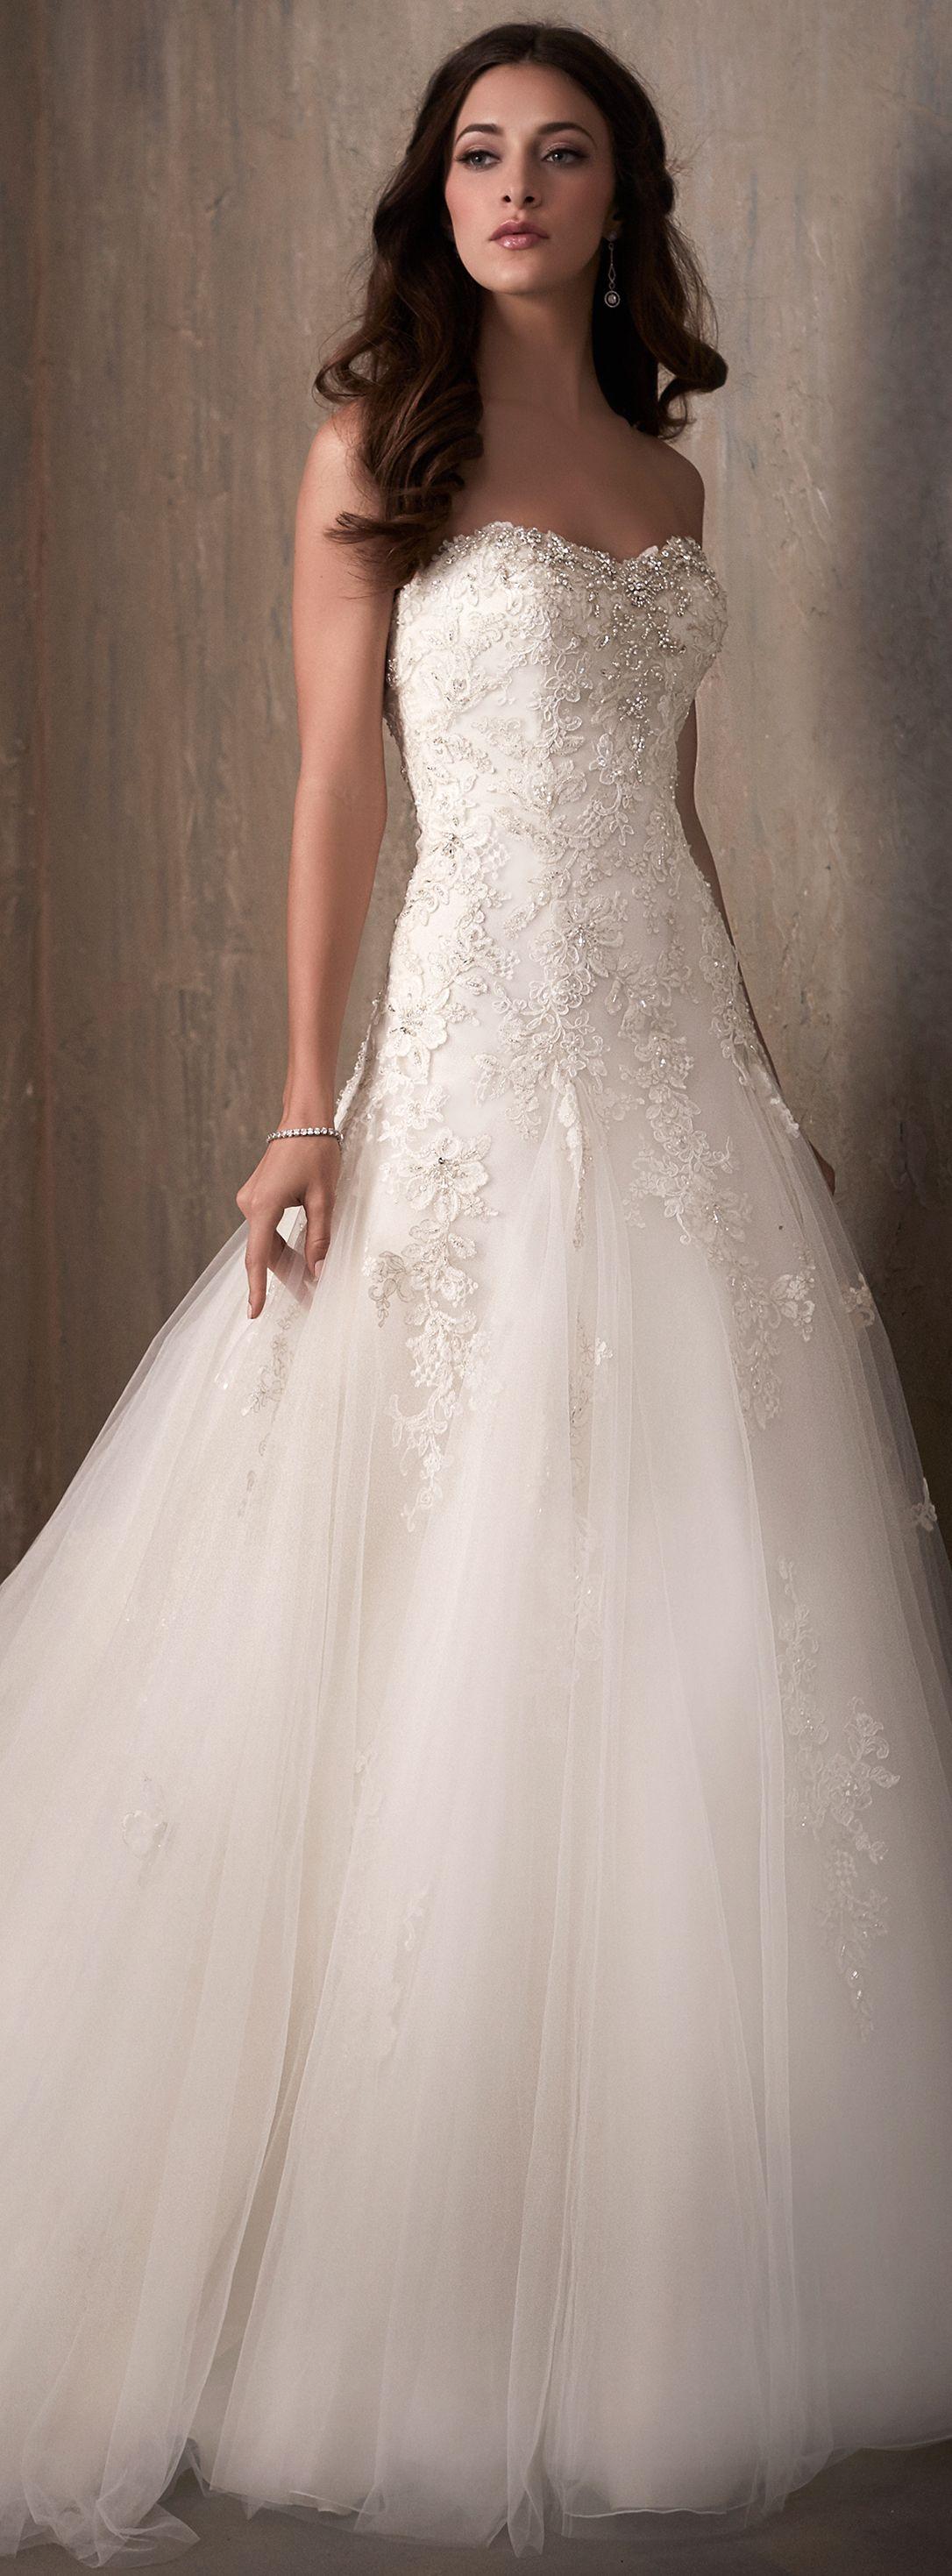 Scarlett | Hochzeitskleider, Hochzeitskleid und Brautkleid